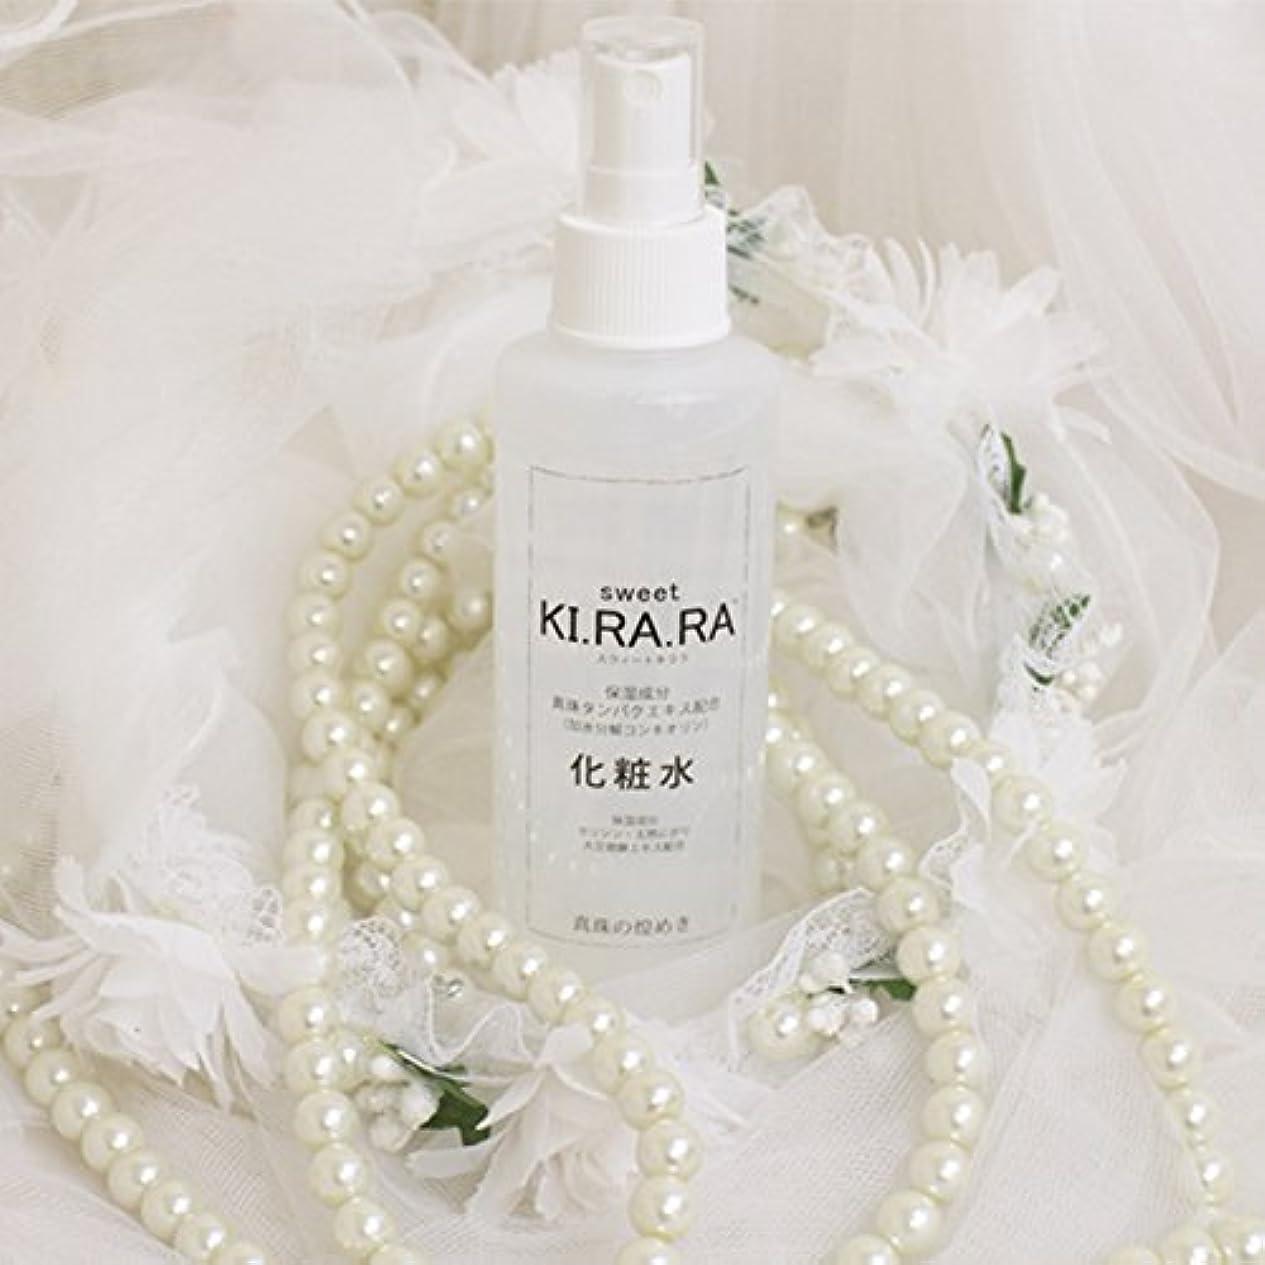 貢献少なくとも仮定sweet KI.RA.RA スウィートキララ 化粧水 ナチュラルローション 真珠タンパクエキス配合 150ml